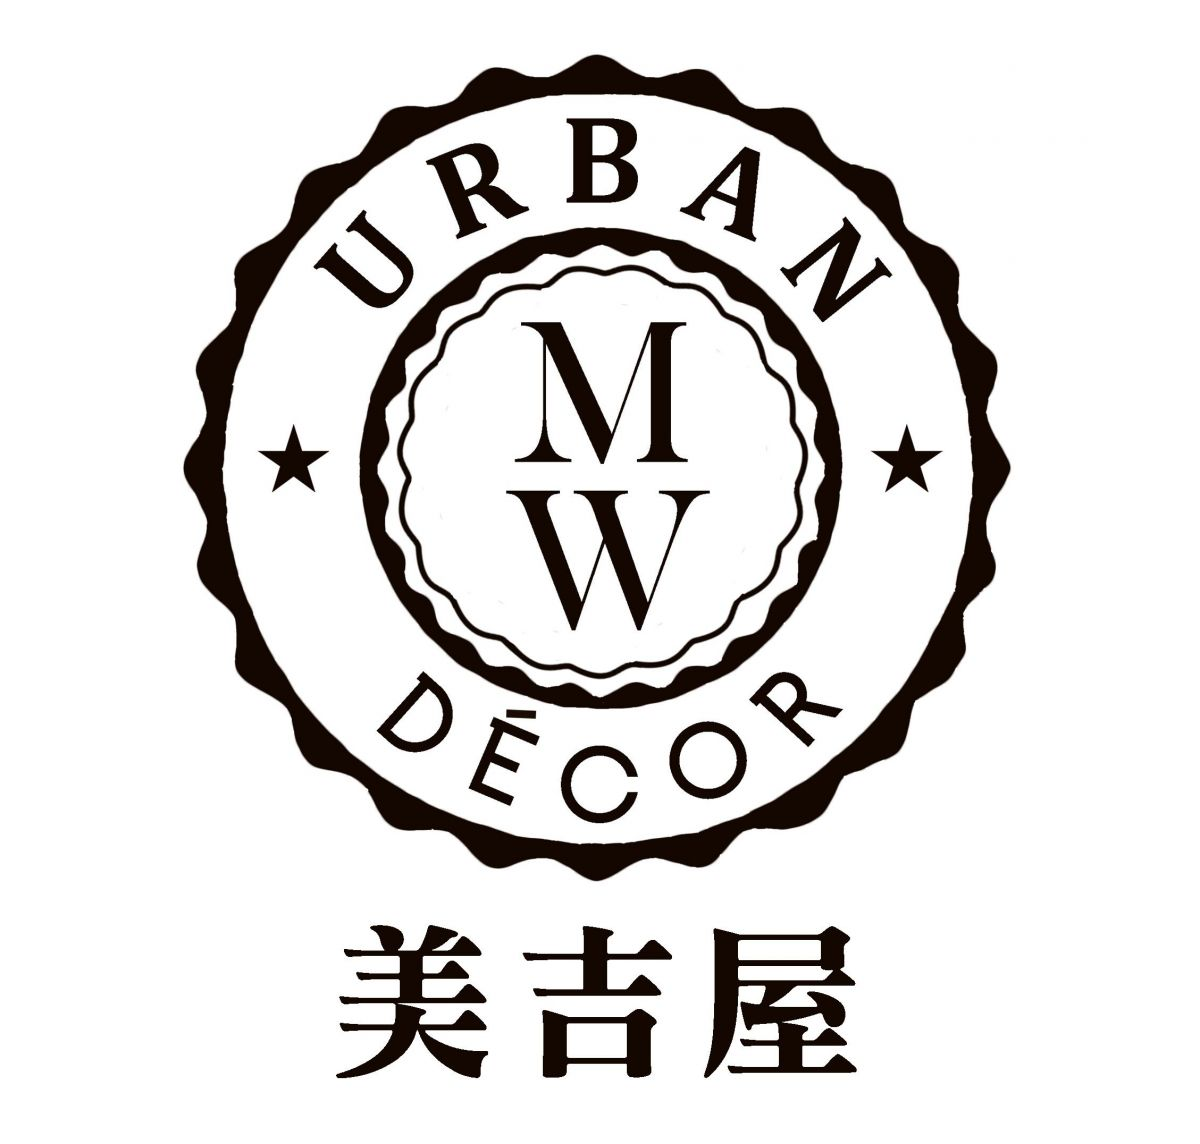 惠州市峰泰工艺品有限公司